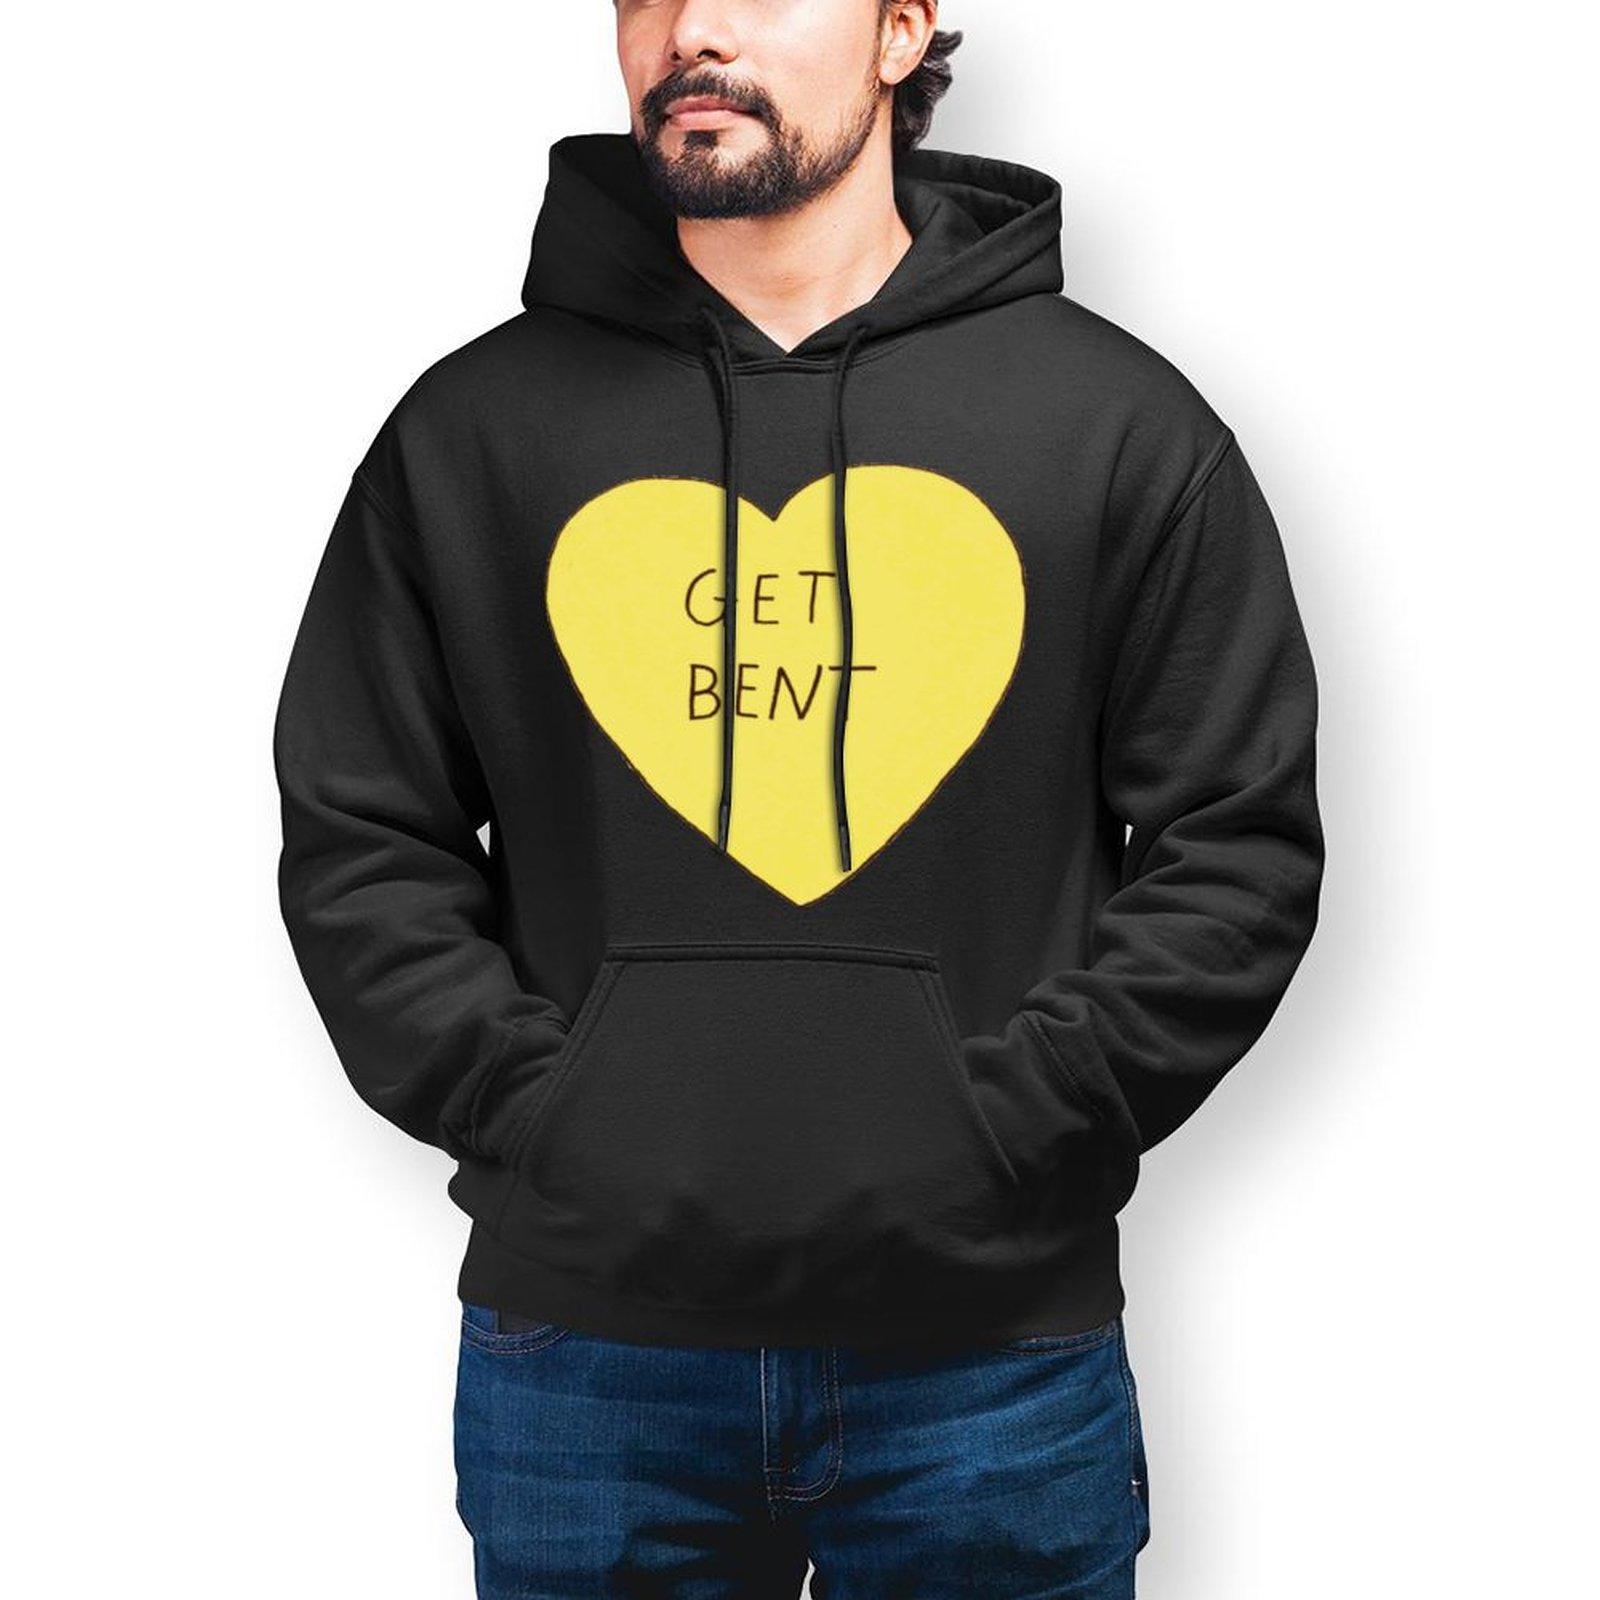 Толстовка с капюшоном в виде сердца, стильные уличные теплые толстовки, длинная мужская модель X